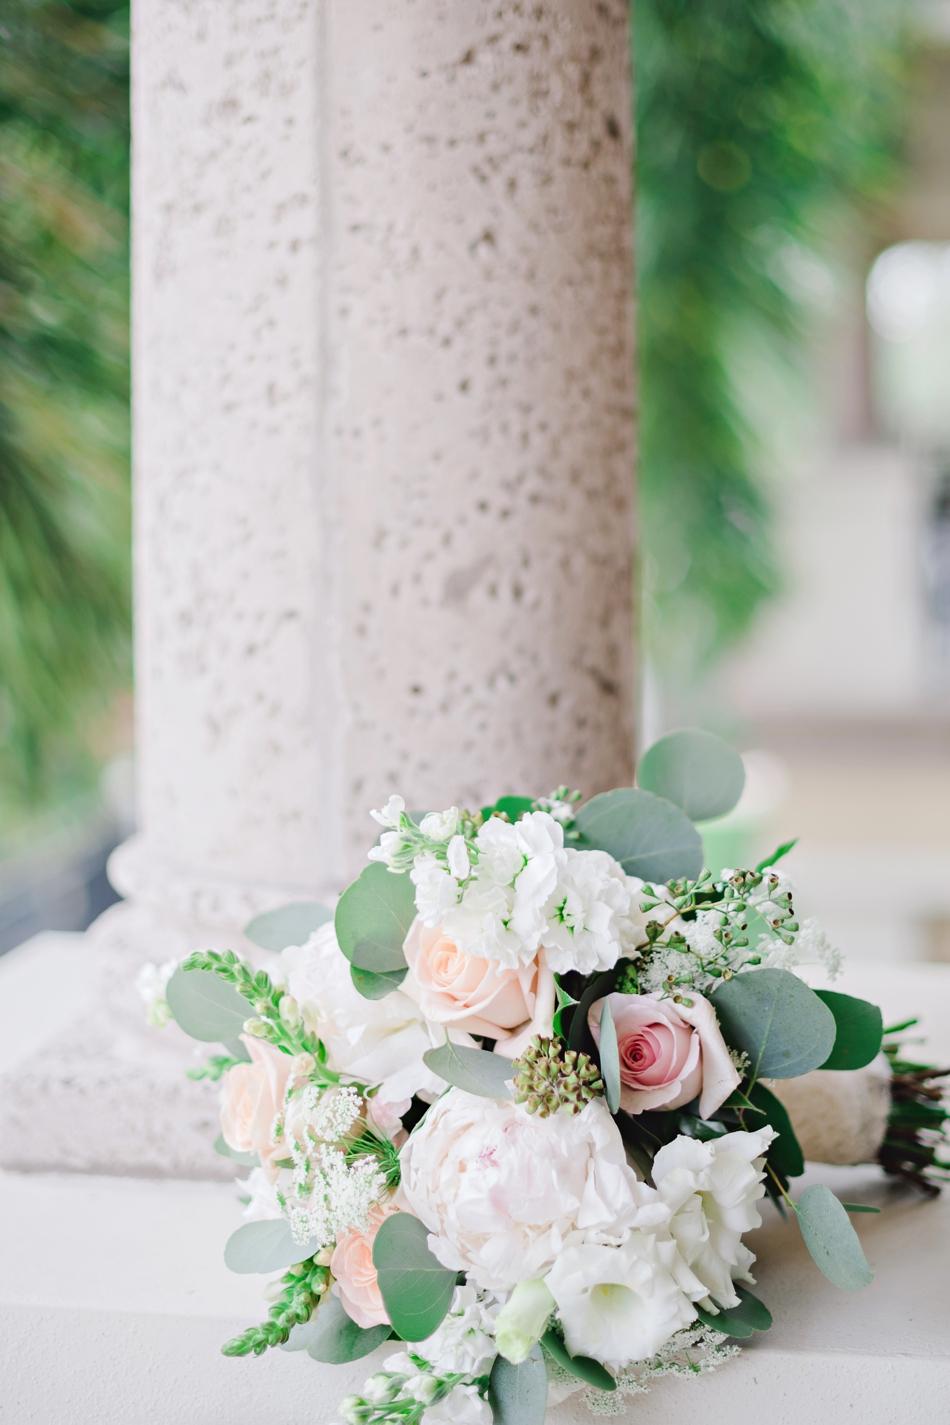 romantic bouquet ideas